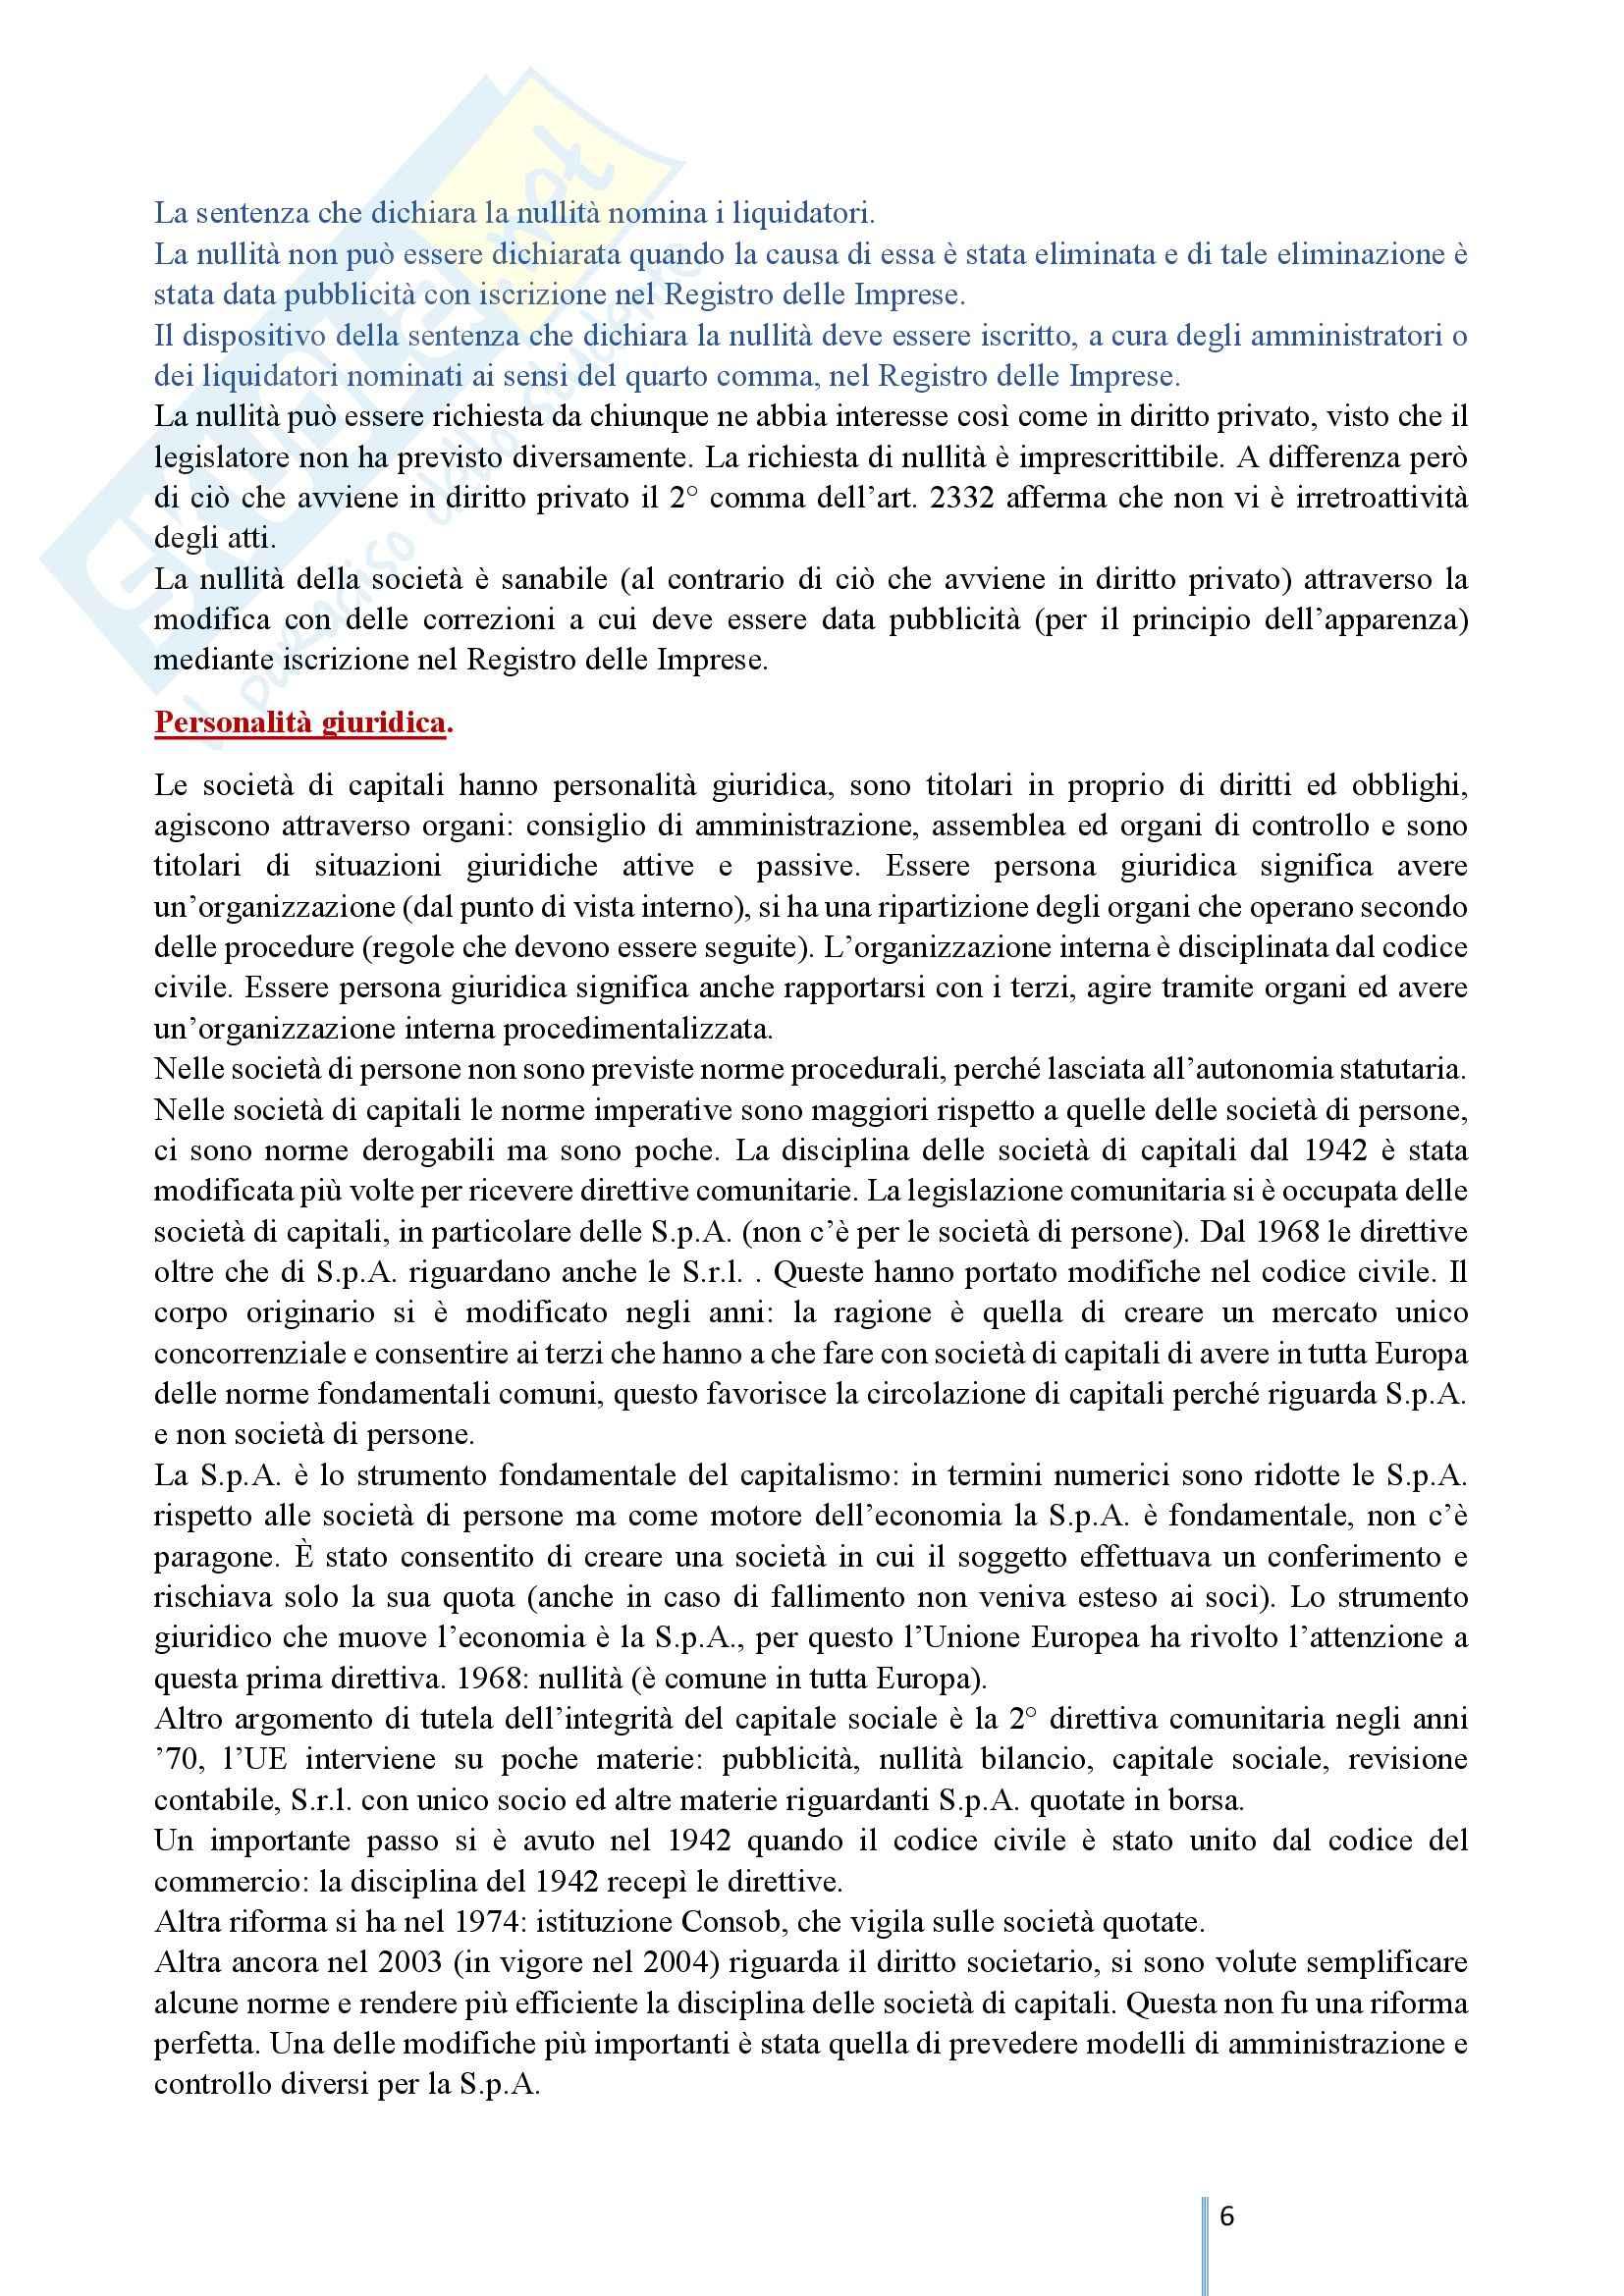 Diritto Commerciale 2 - Le società di capitali e le società cooperative Pag. 6